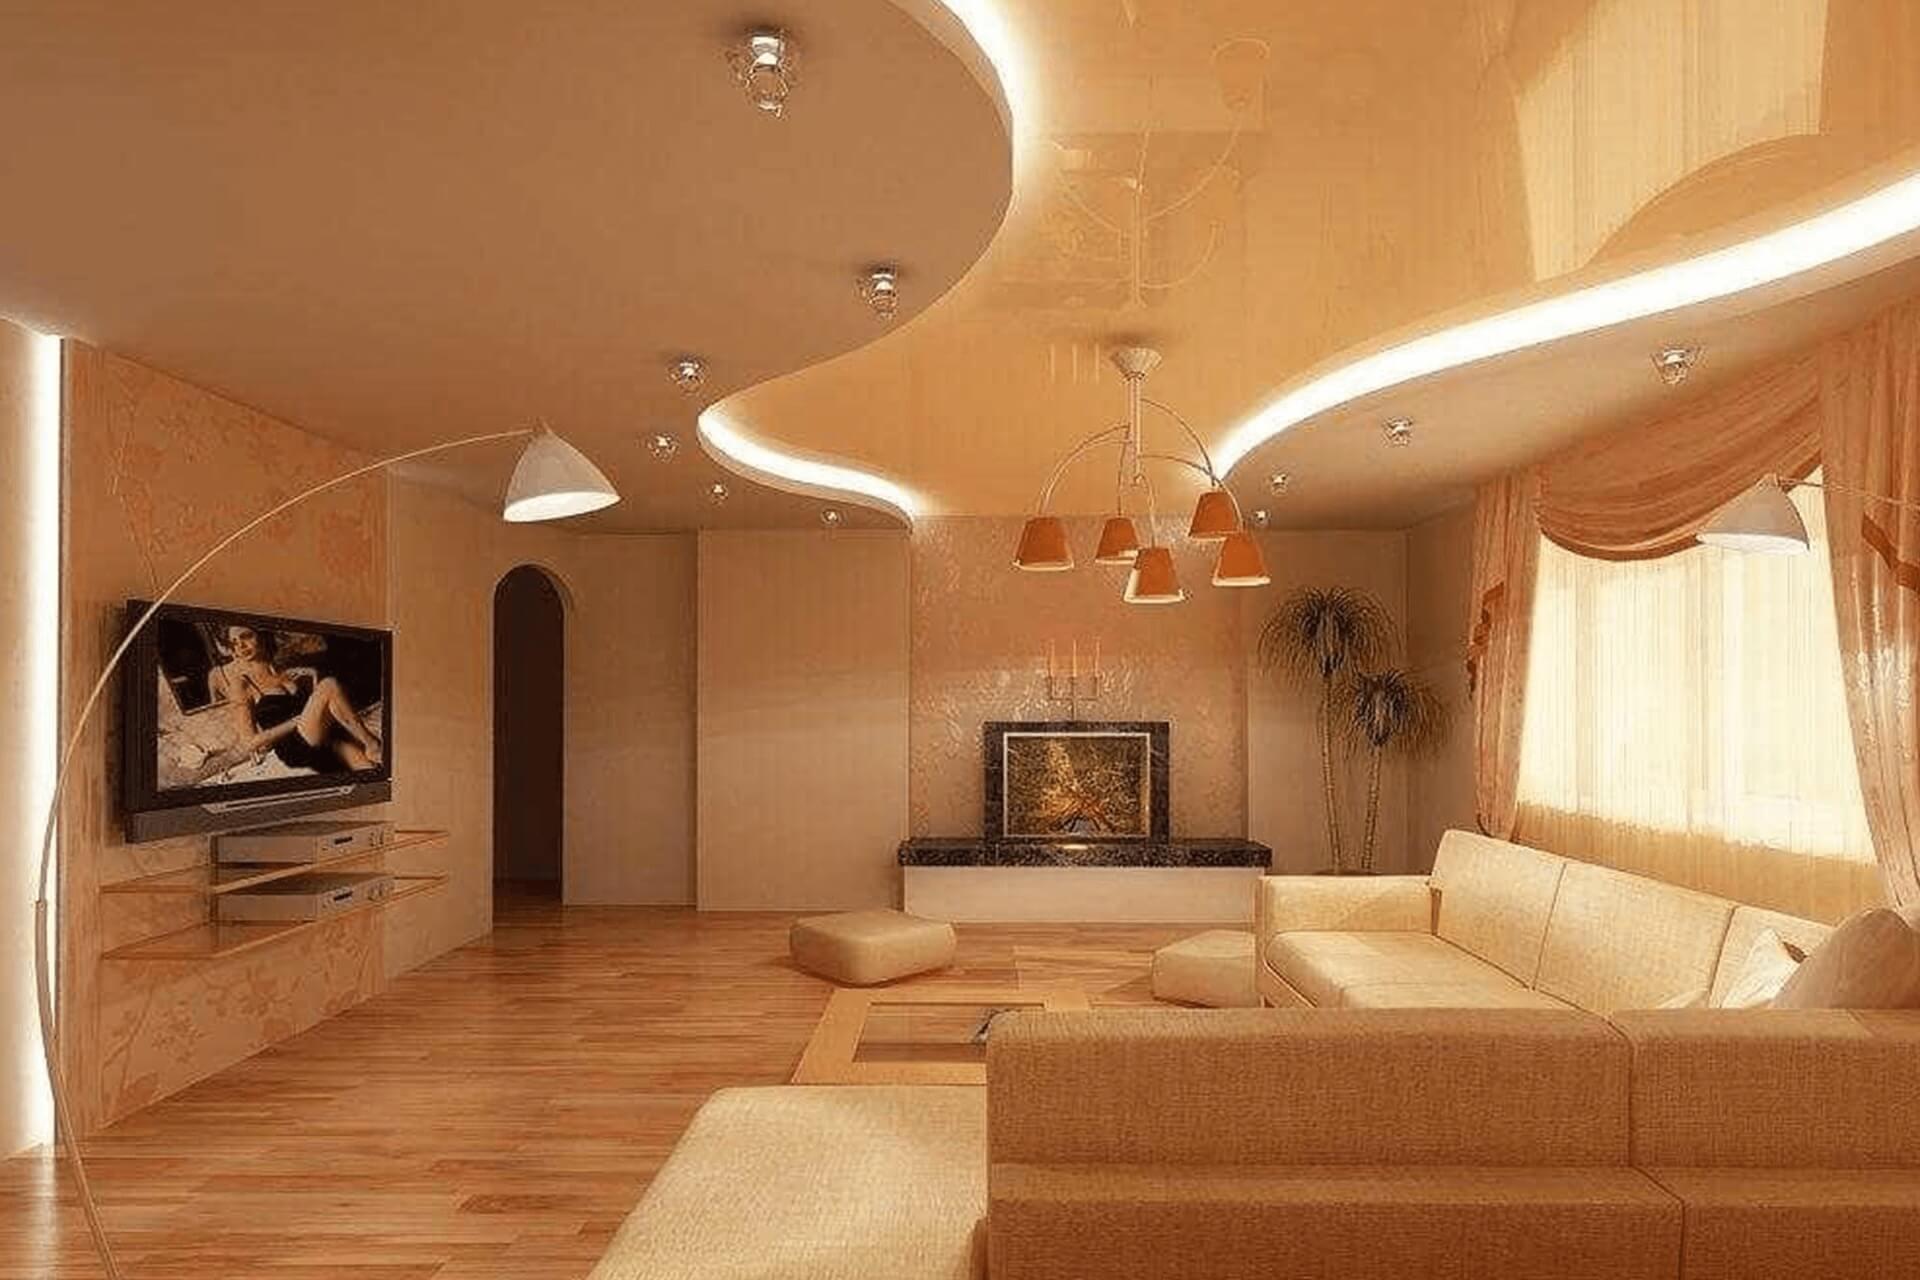 Бежевый двухуровневый потолок с подсветкой в зале